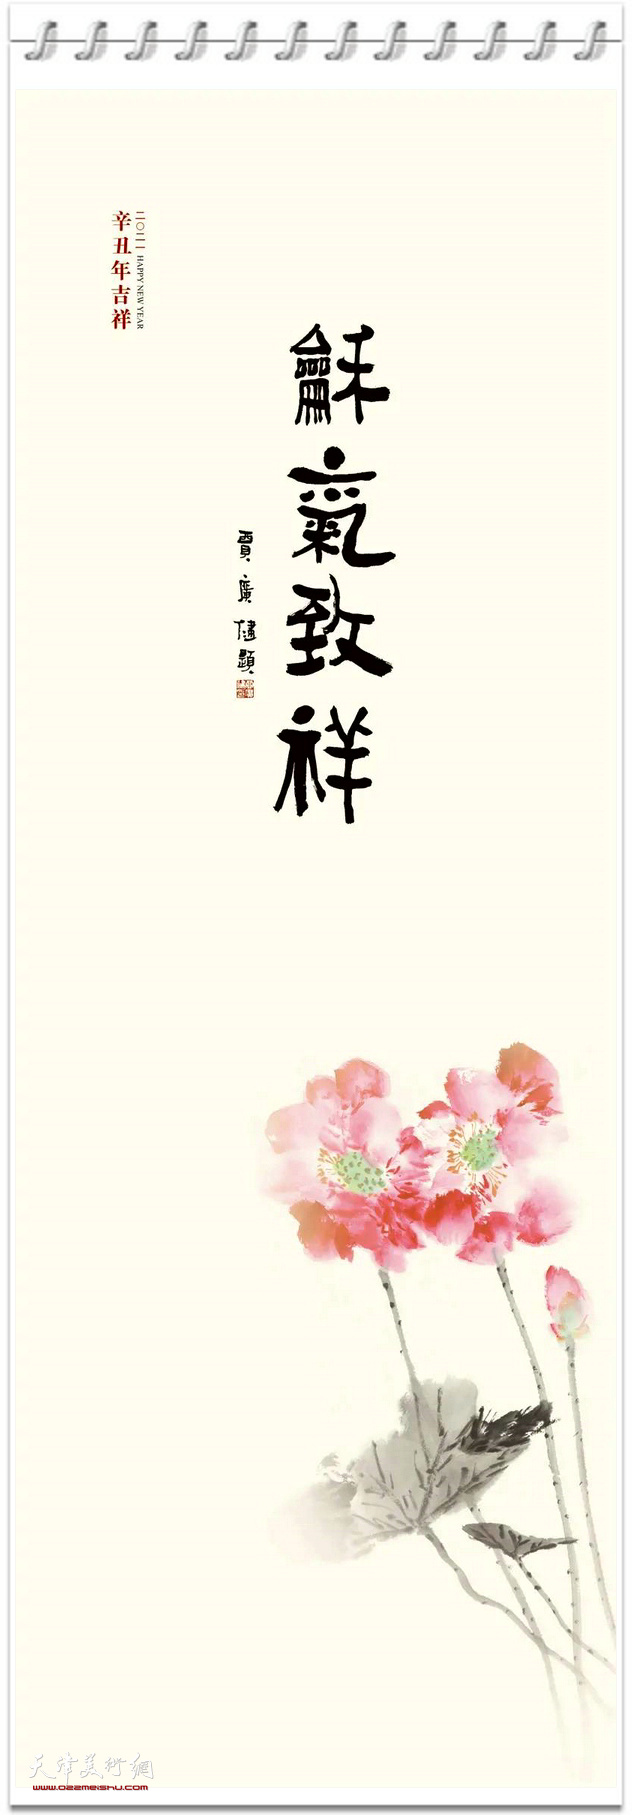 和气致祥——2021辛丑年贾广健花鸟画年历 封面